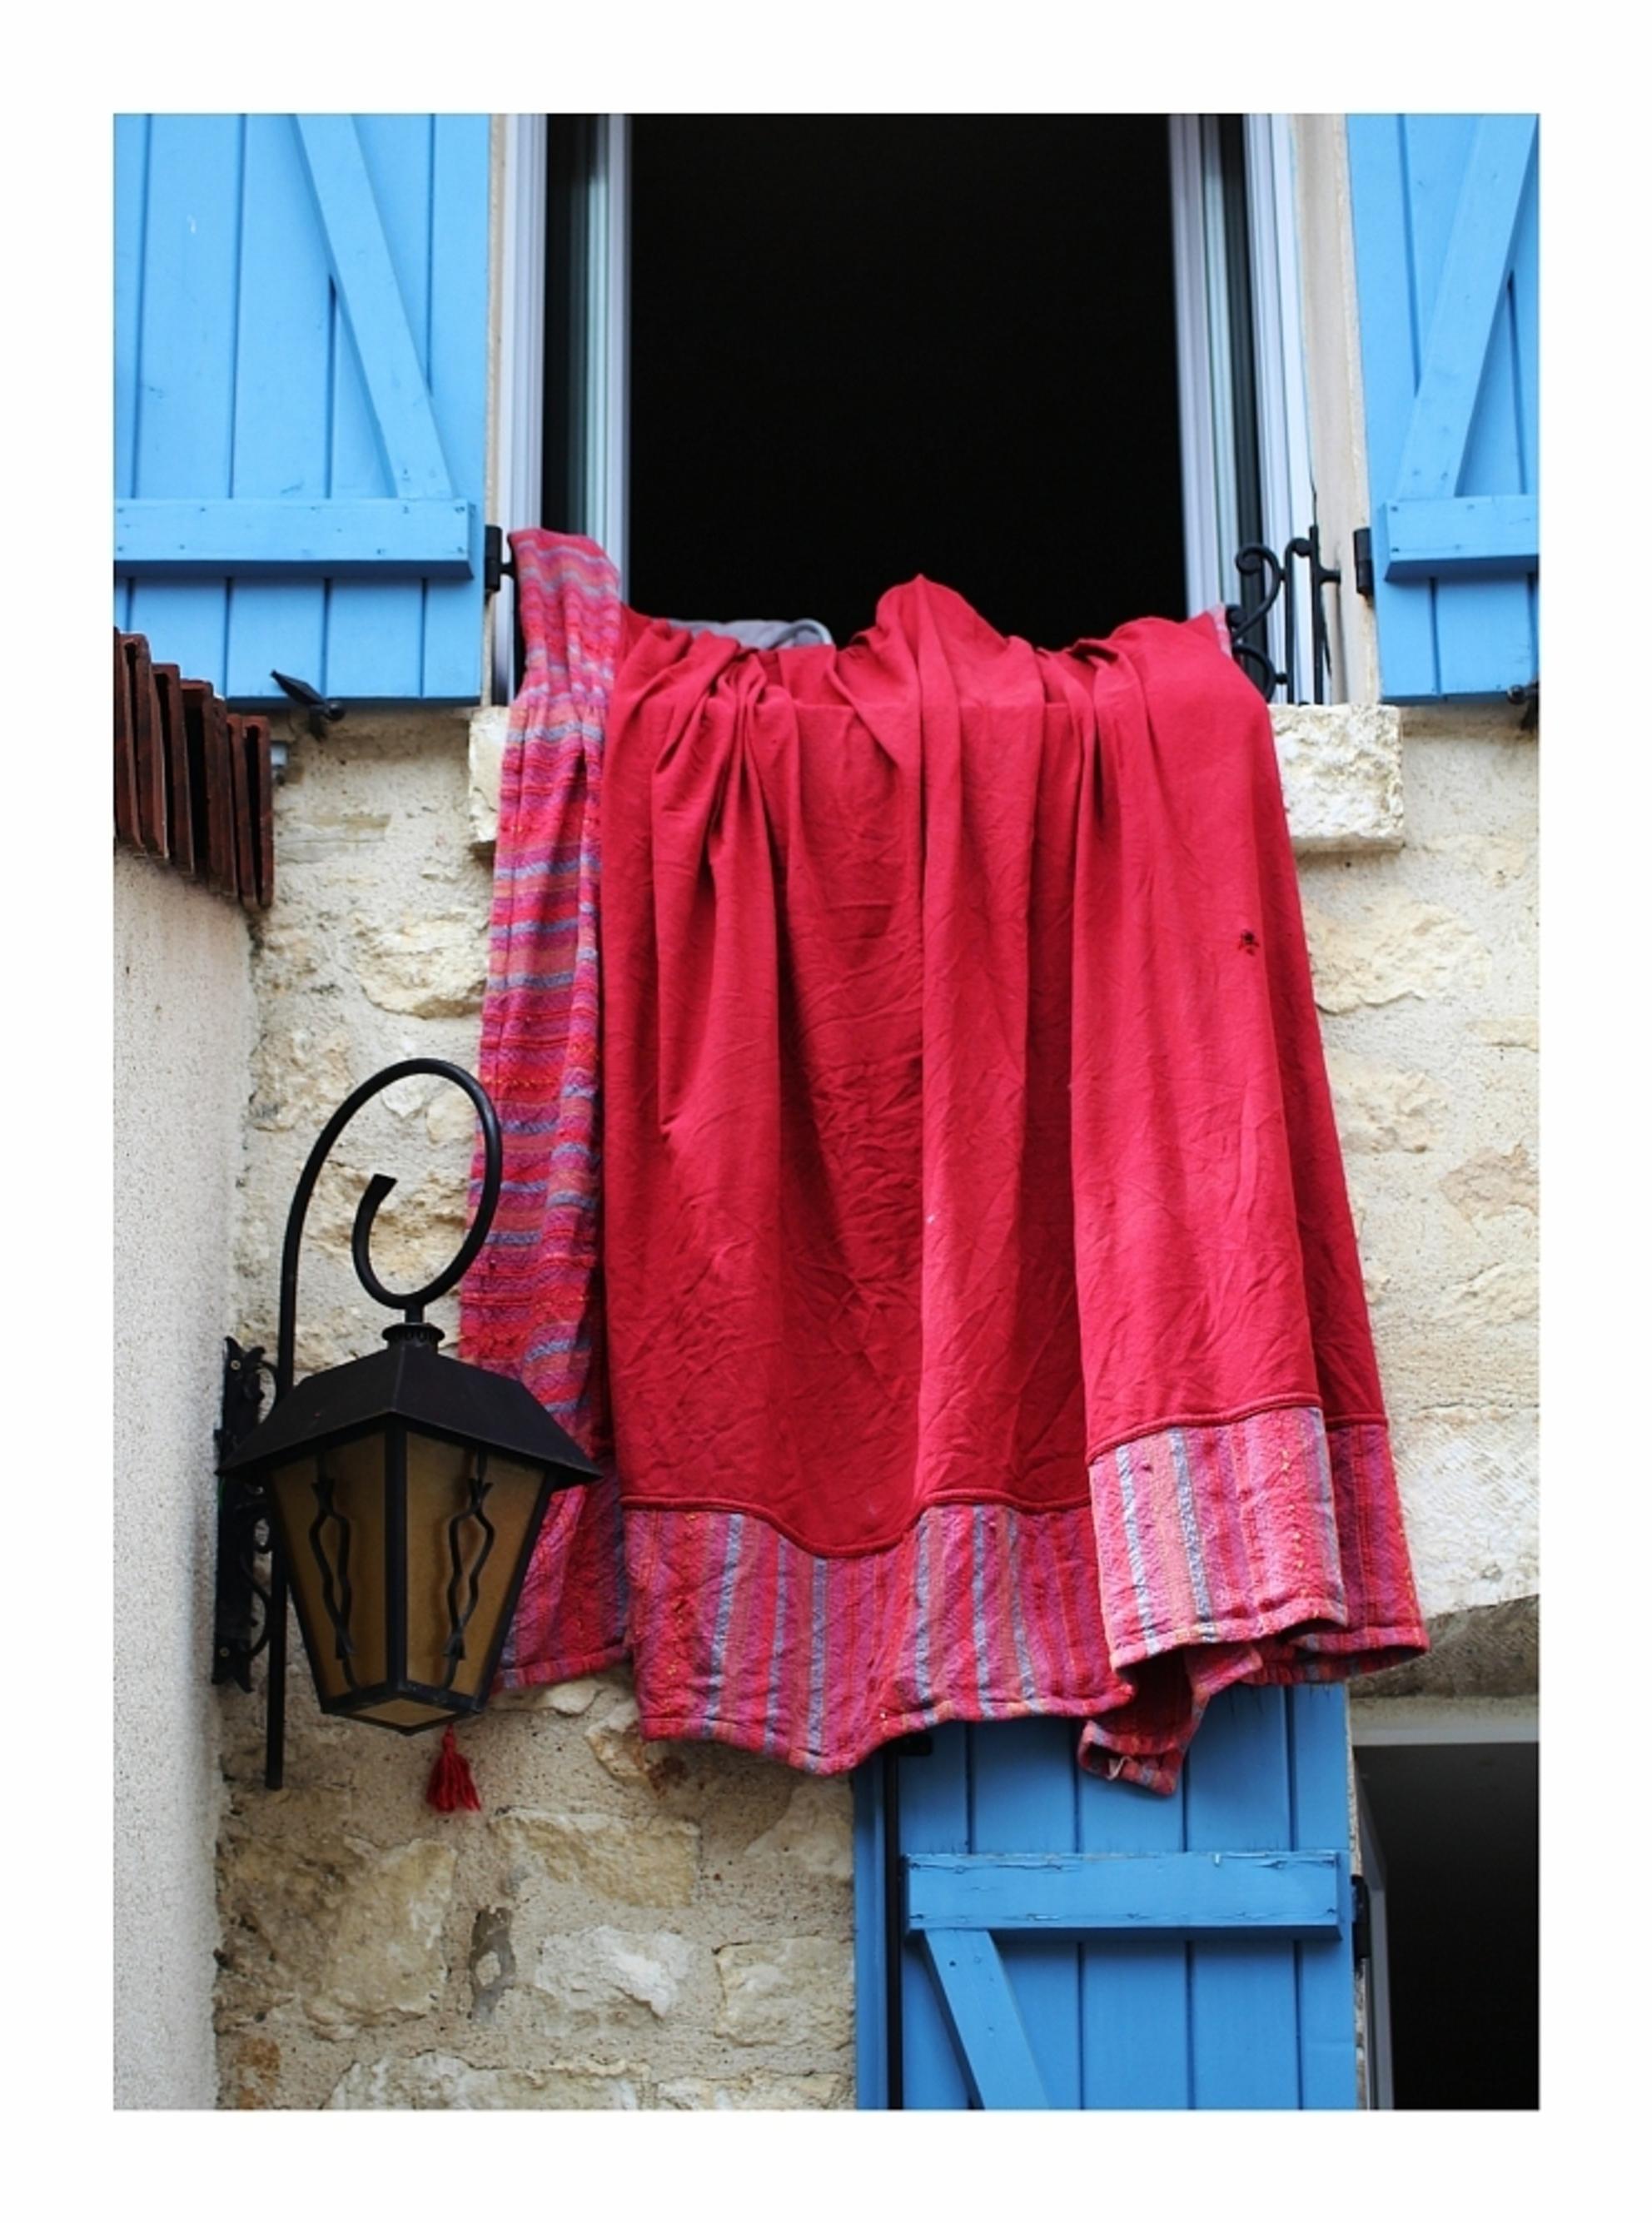 Fris - in het mooie stadje Chablis - foto door onne1954 op 10-06-2013 - deze foto bevat: rood, frankrijk, chablis, lauw - Deze foto mag gebruikt worden in een Zoom.nl publicatie